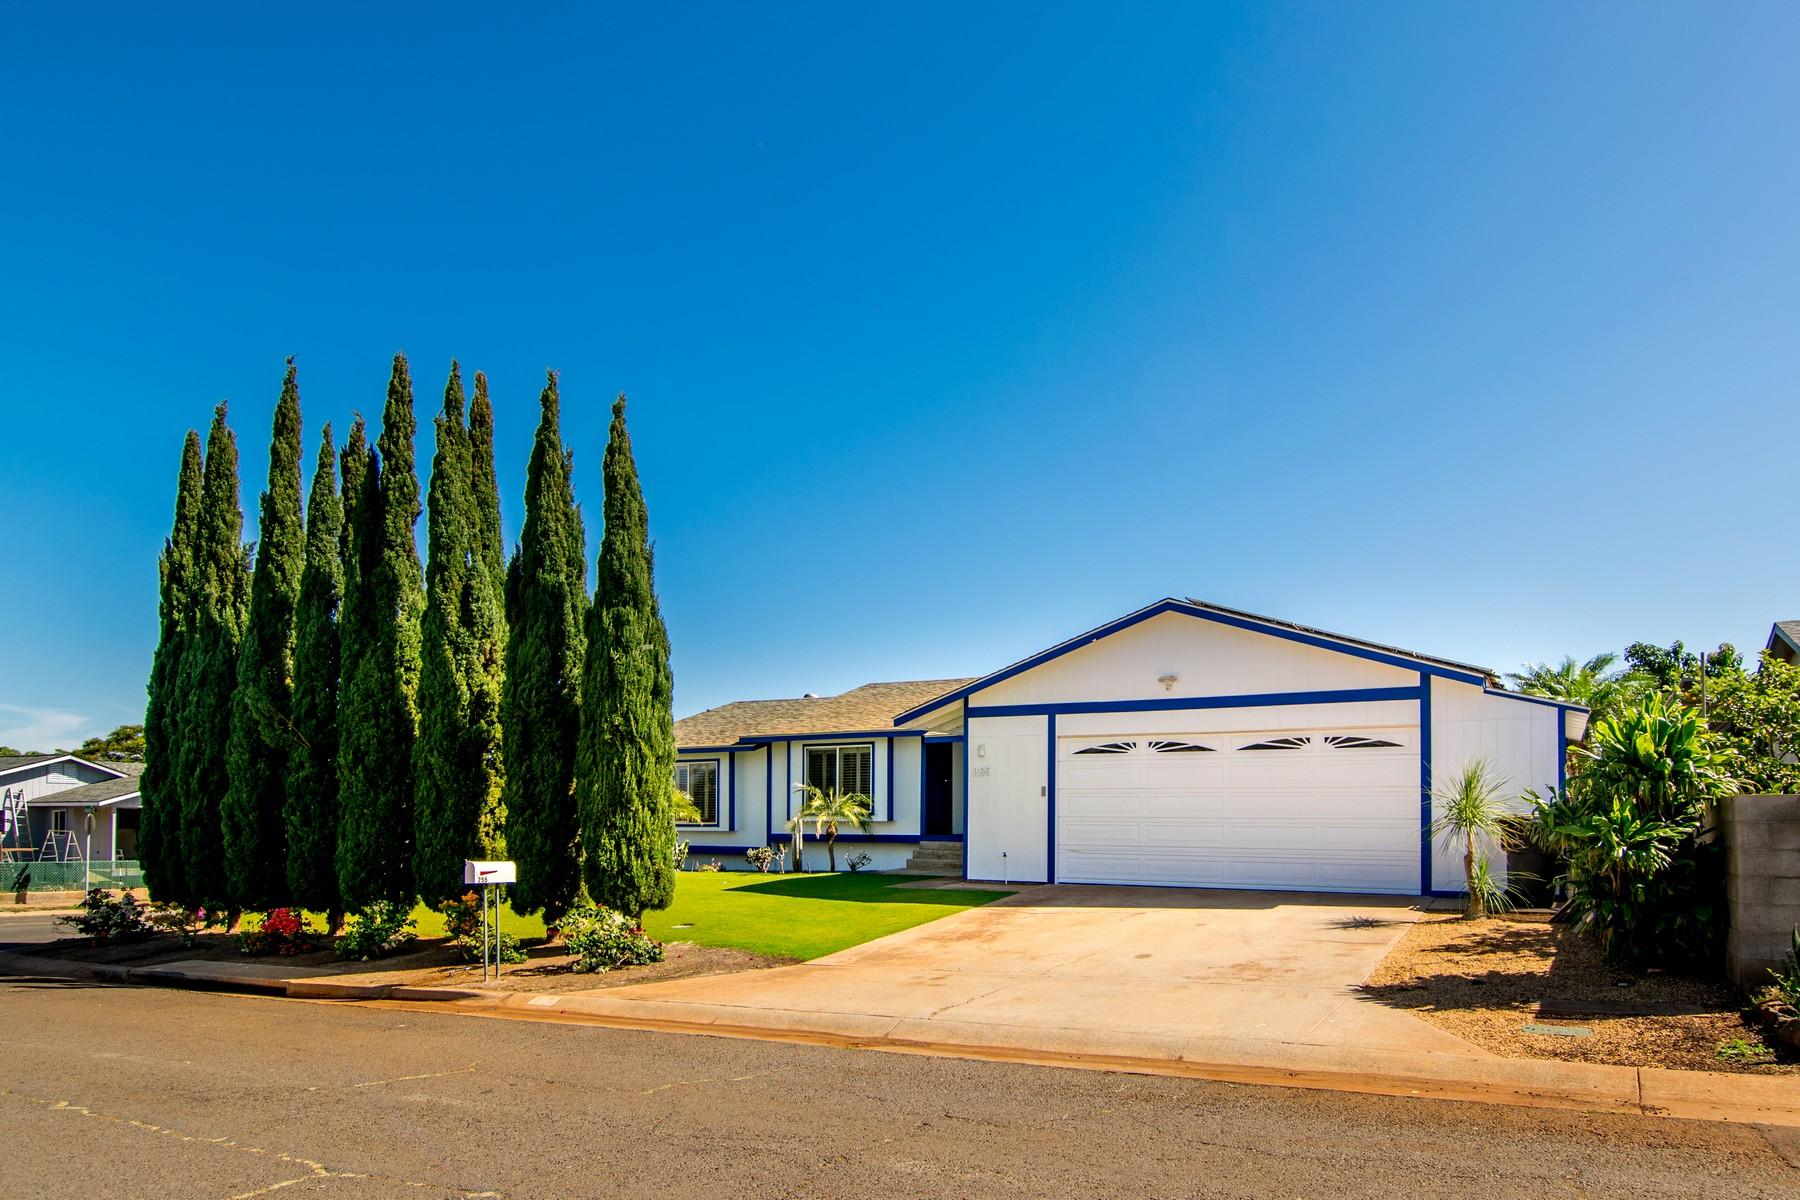 Casa Unifamiliar por un Venta en Great Value With Luxury Living 255 Humupea Place Kihei, Hawaii, 96753 Estados Unidos